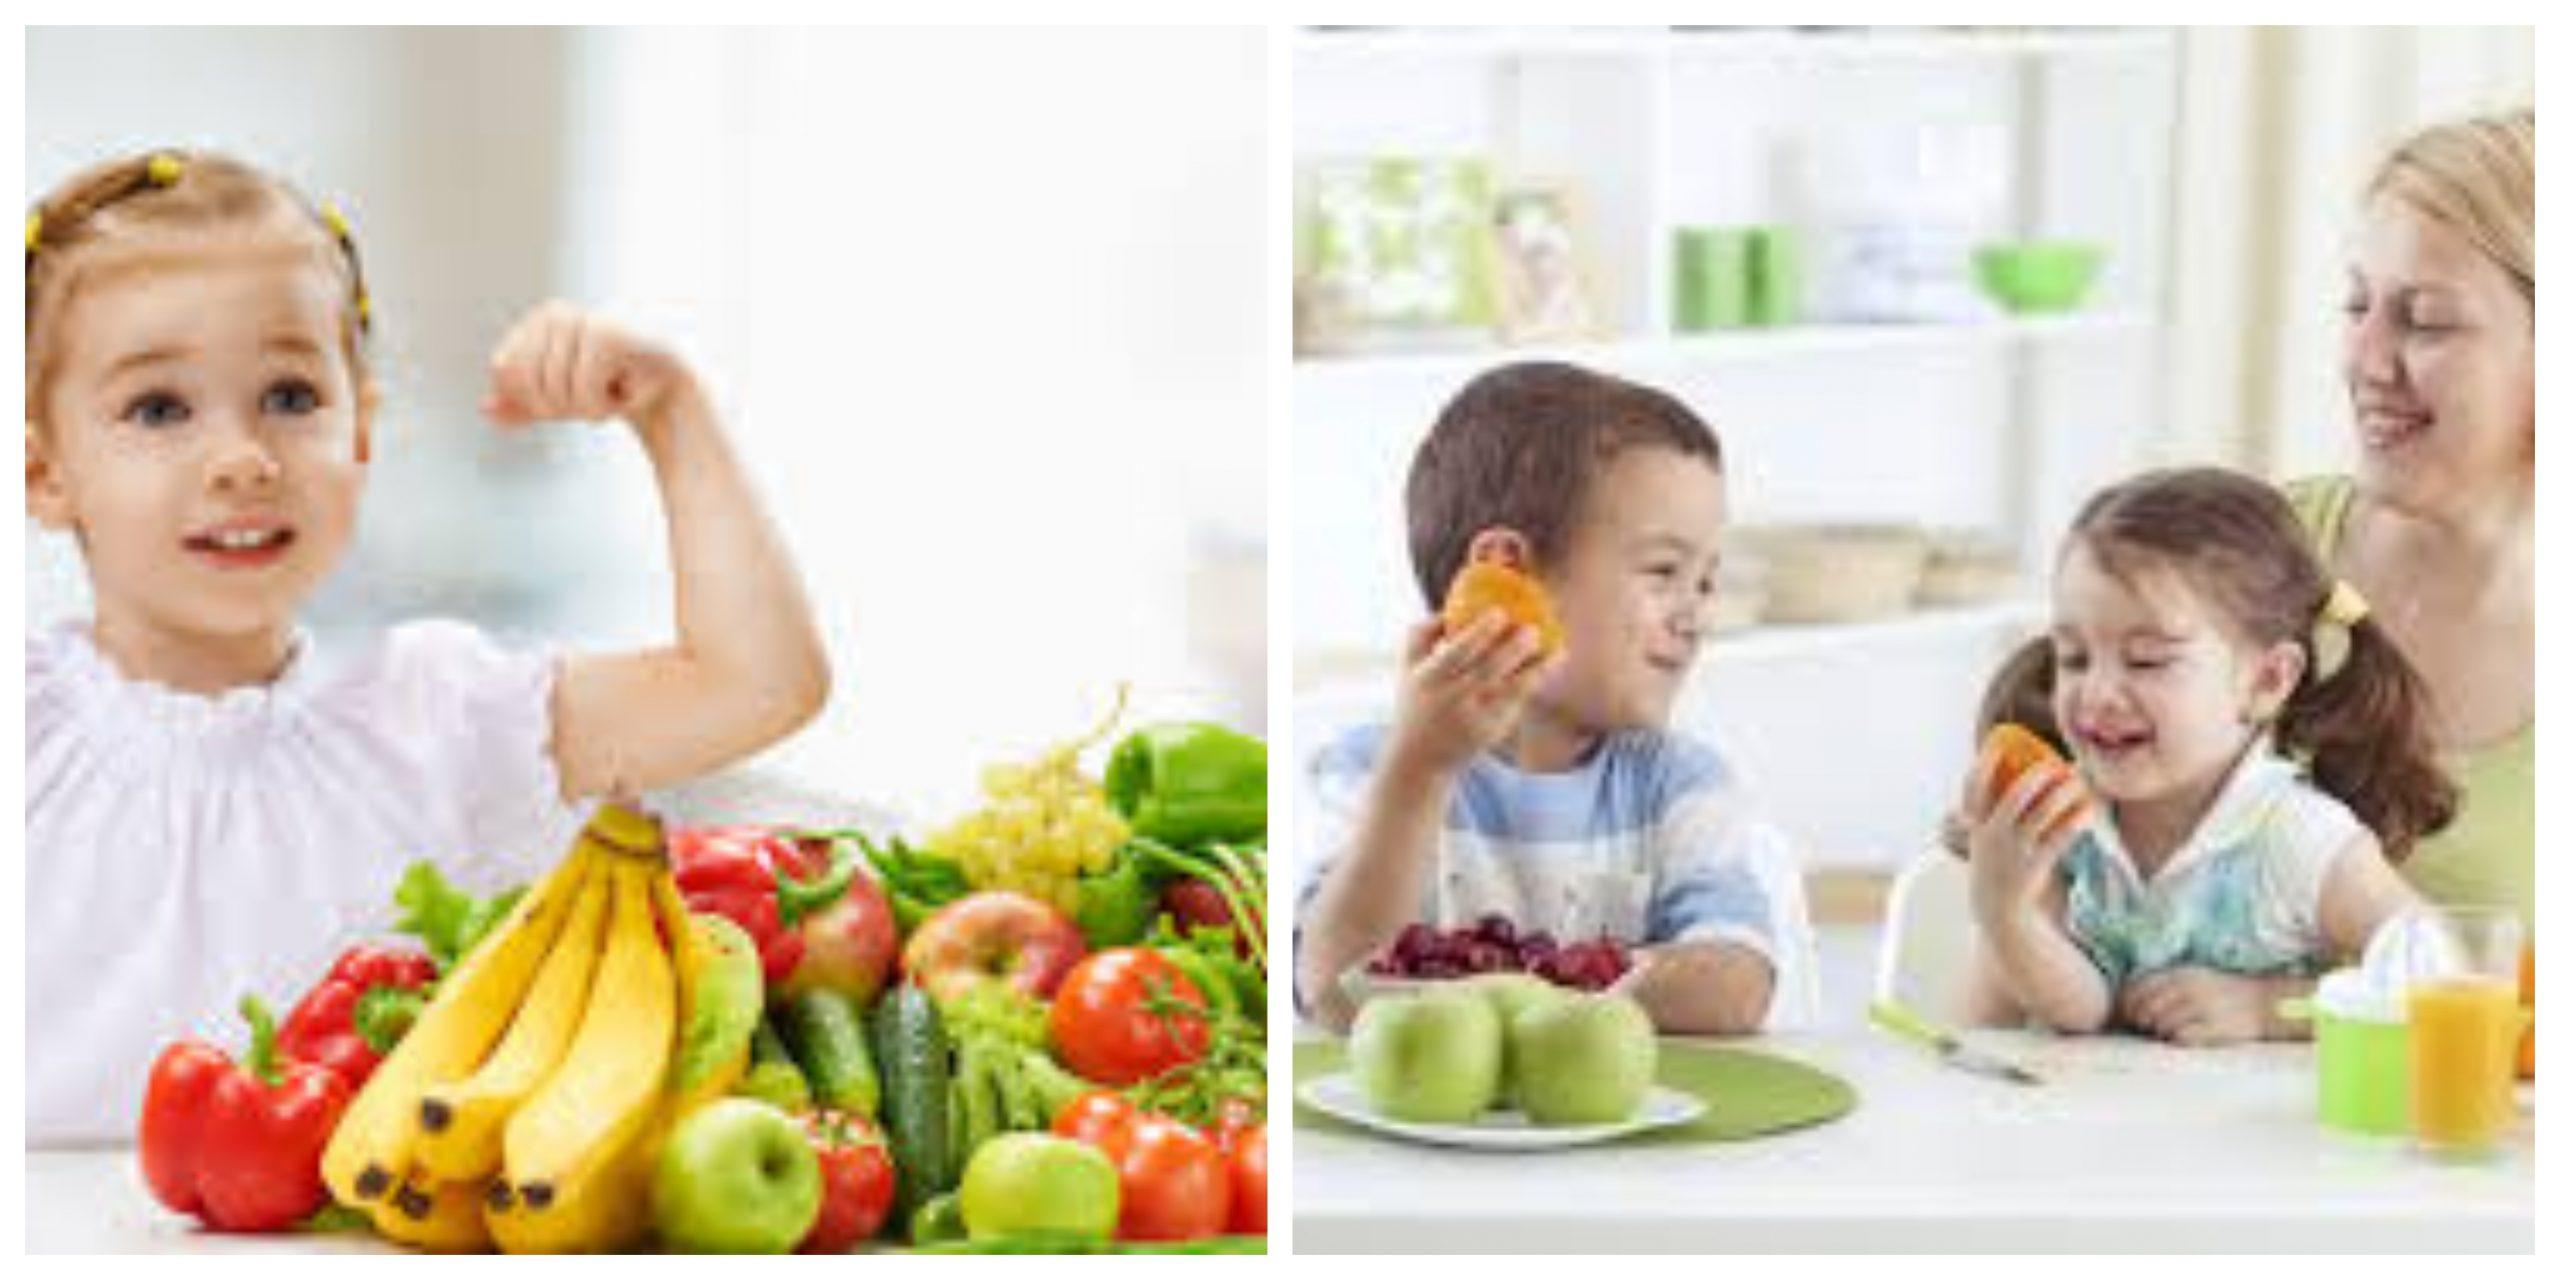 دعم وتشجيع المجتمع لتناول الطعام في عائلتك